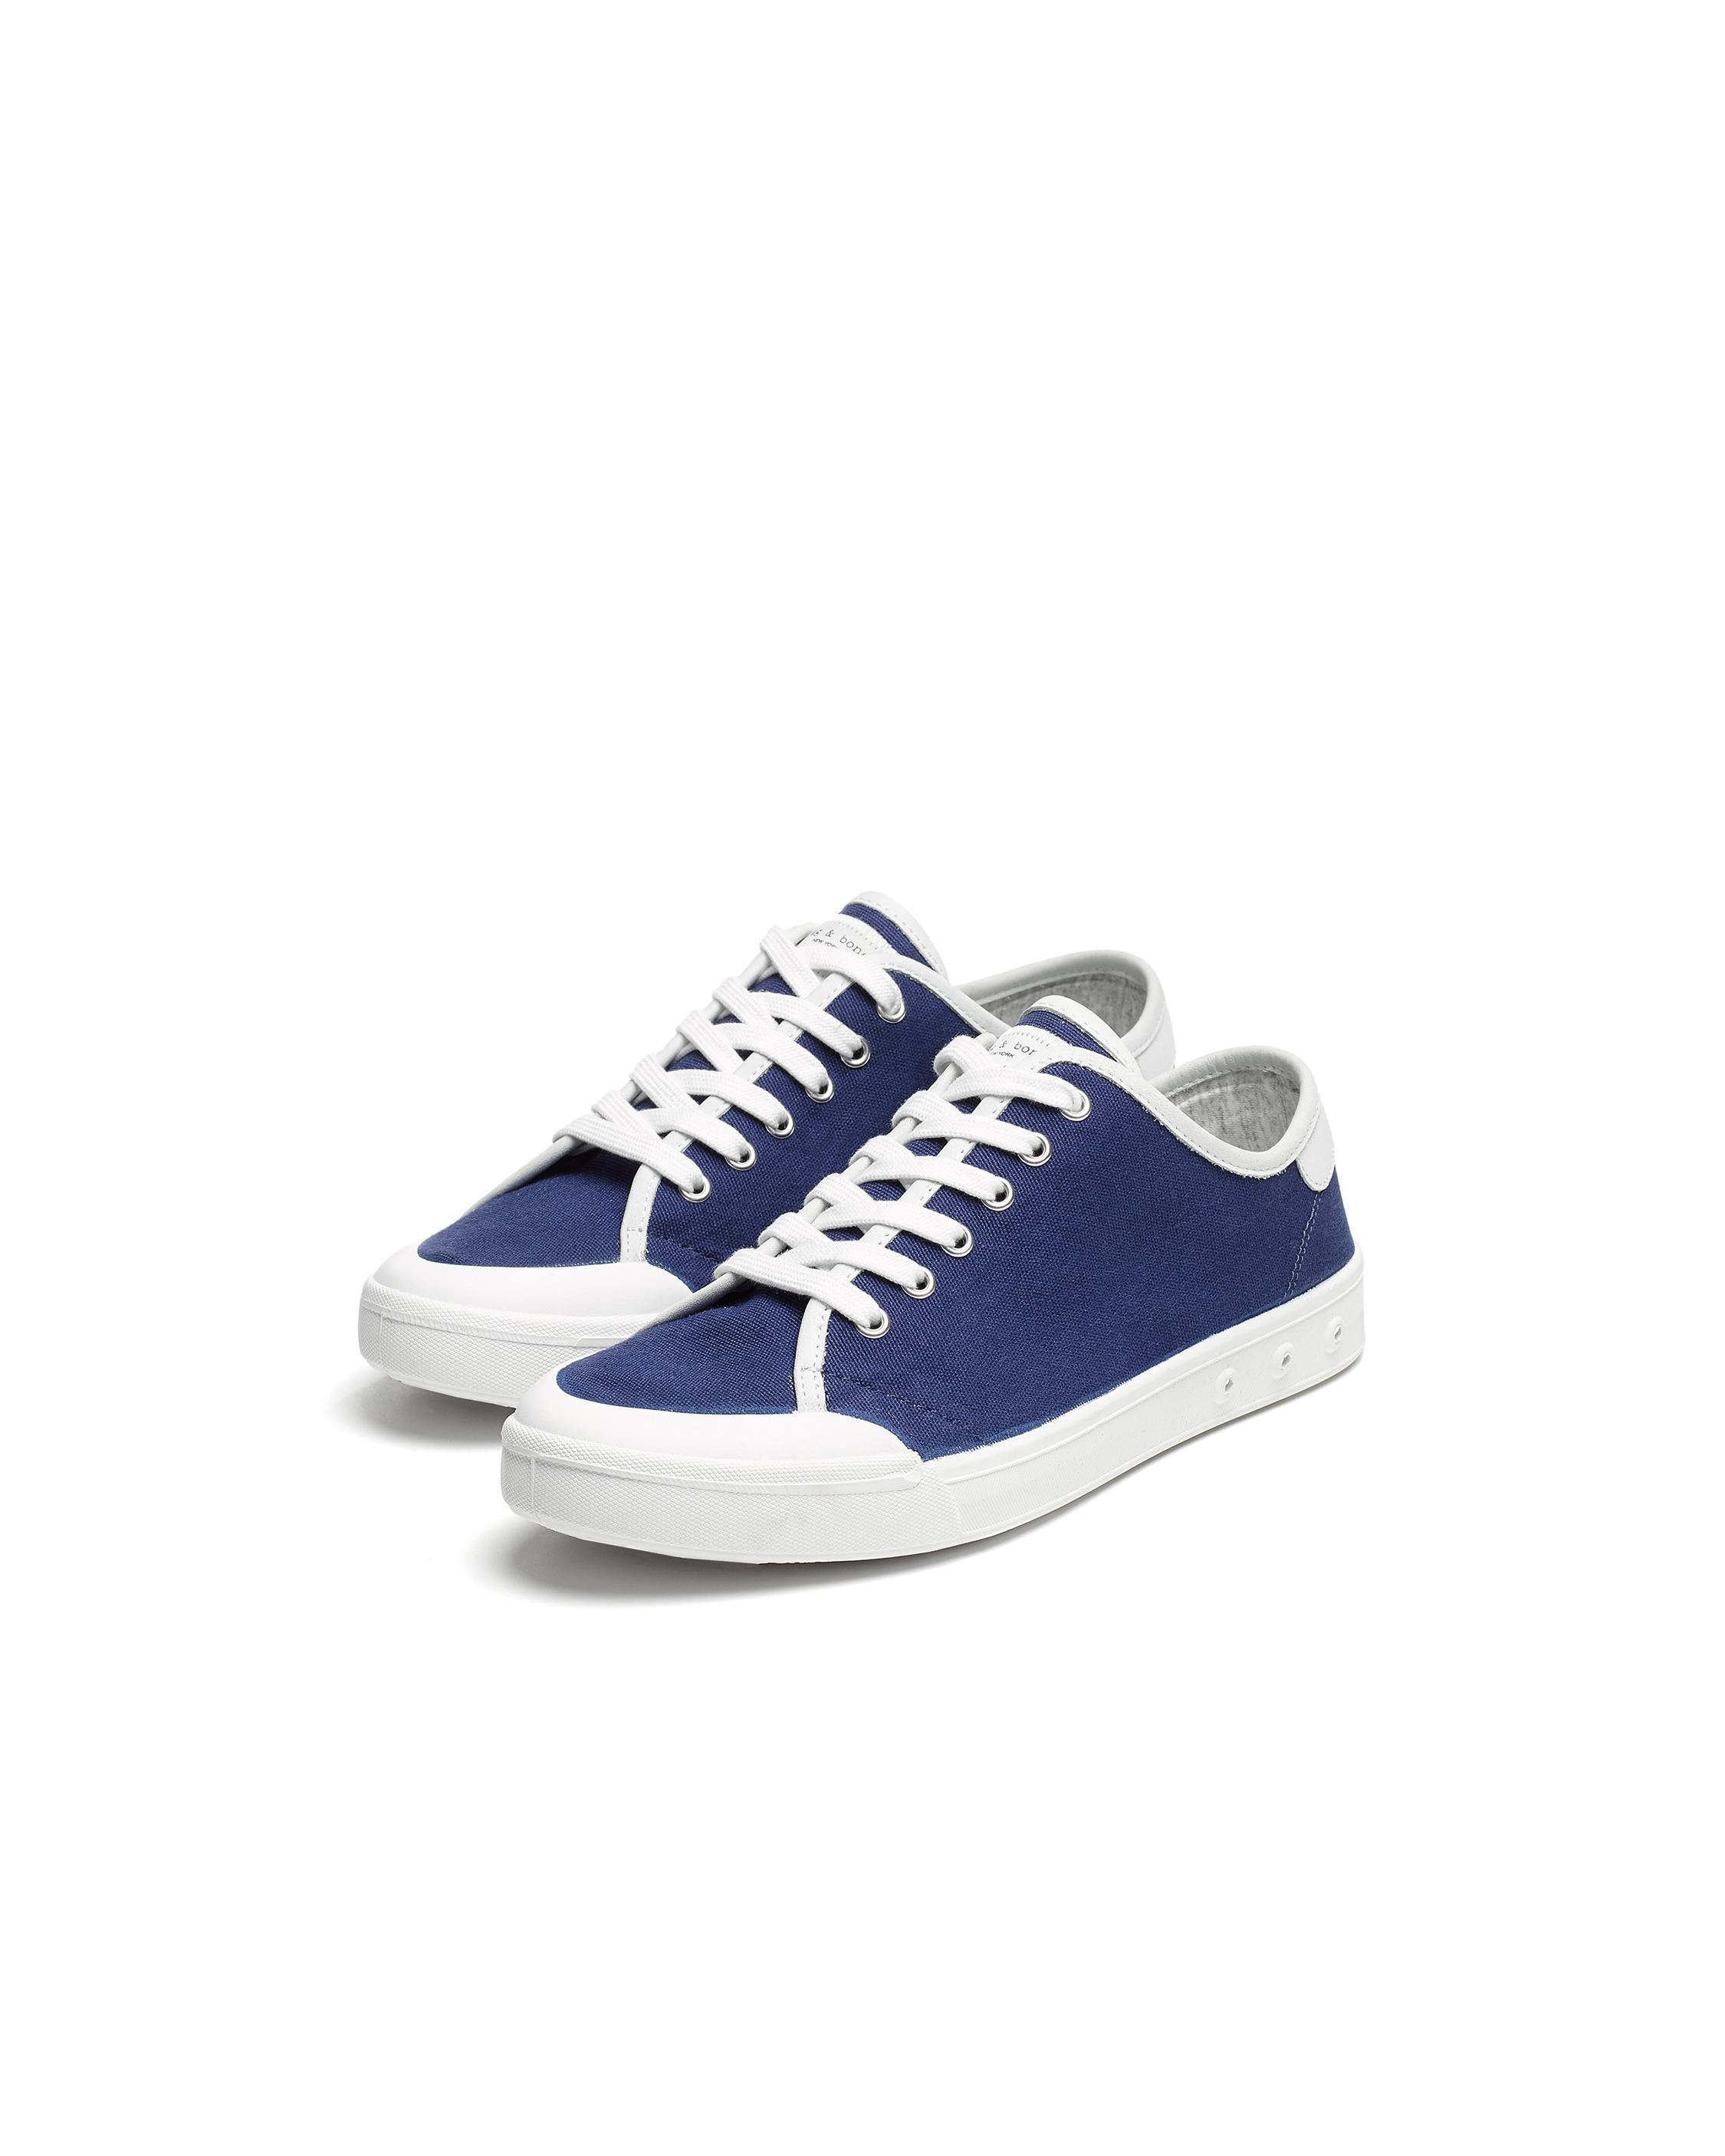 Earth Shoes Cobalt Blue